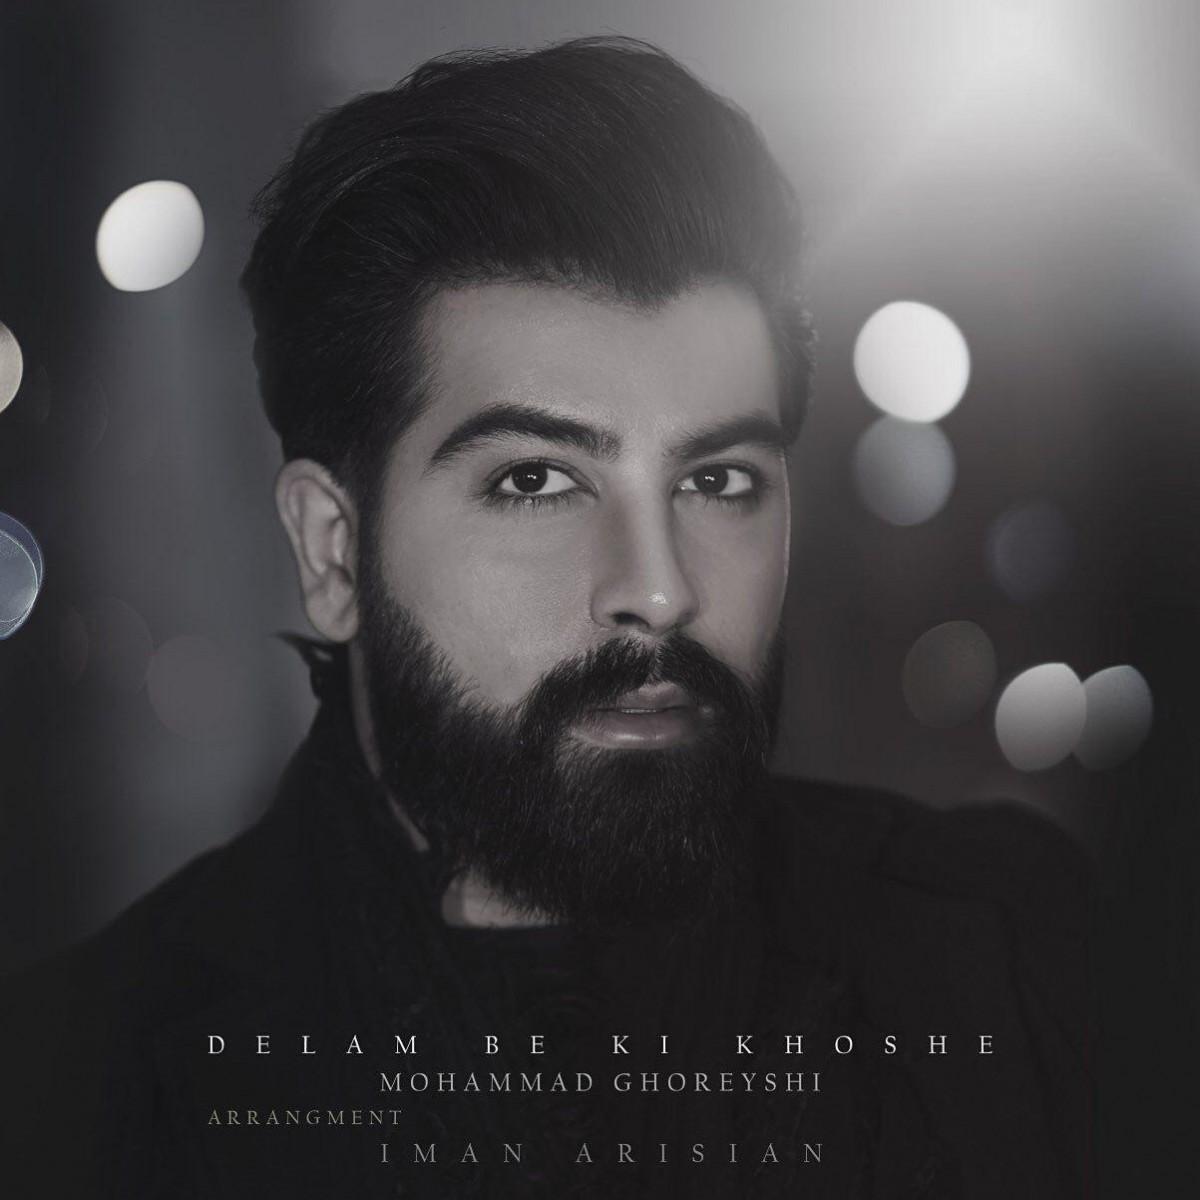 نامبر وان موزیک | دانلود آهنگ جدید Mohammad-Ghoreyshi-Delam-Be-Ki-Khoshe